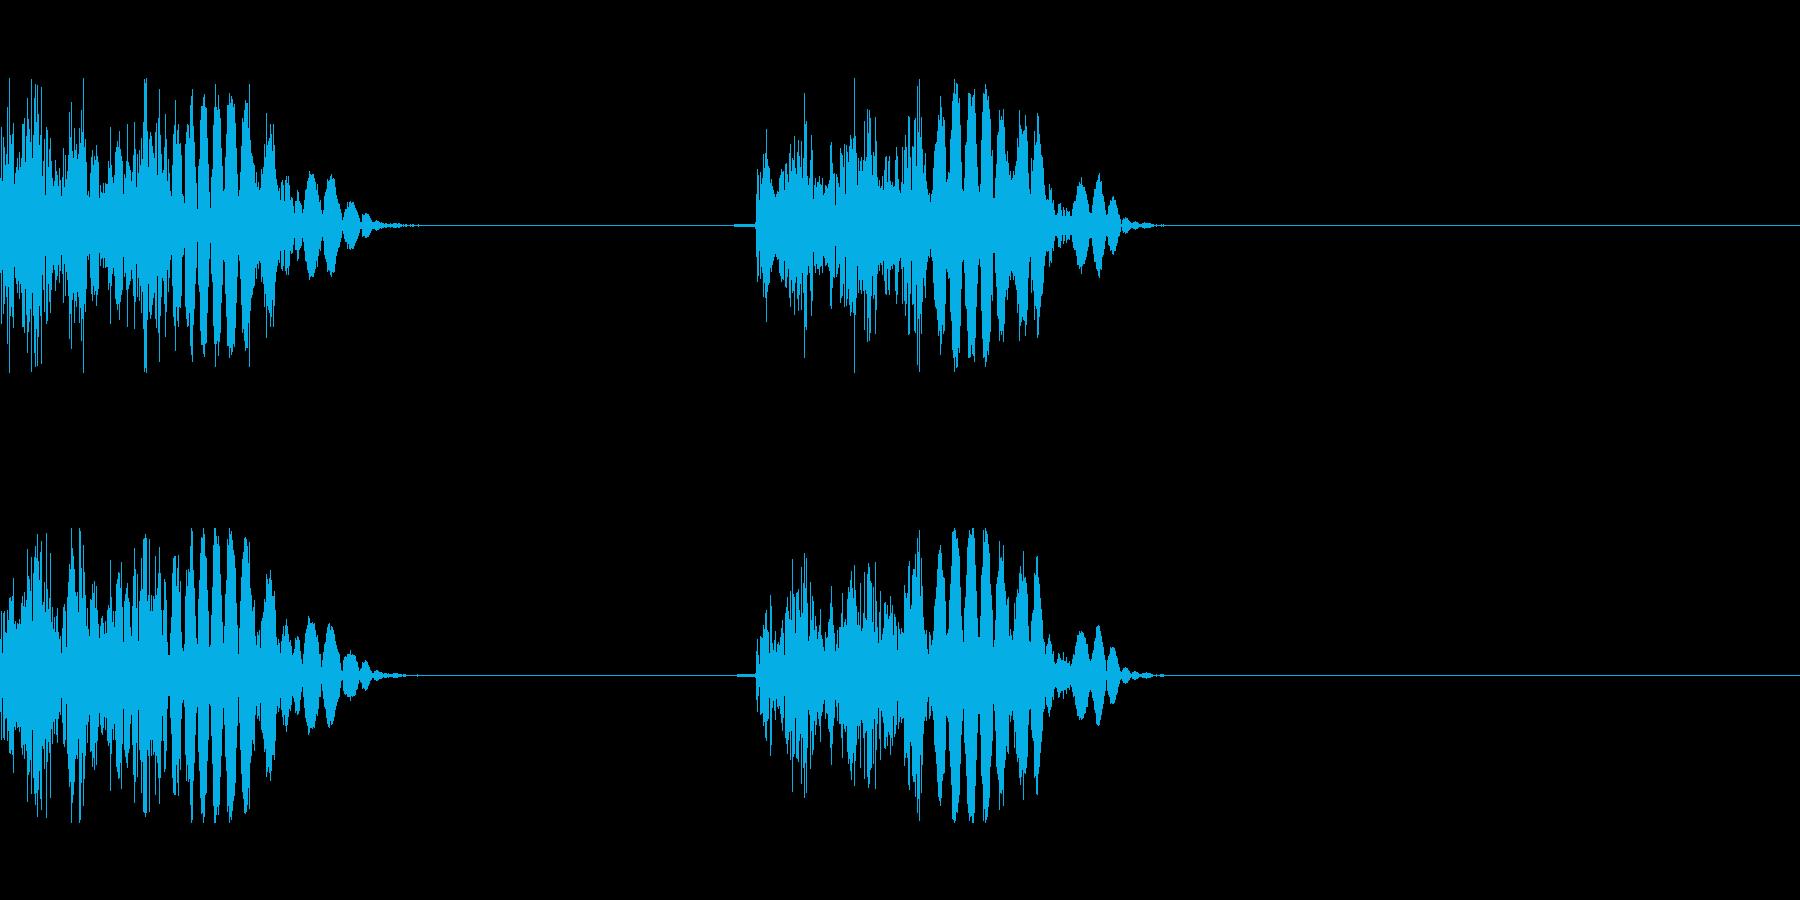 モンスターの足音 2(間隔短め)の再生済みの波形